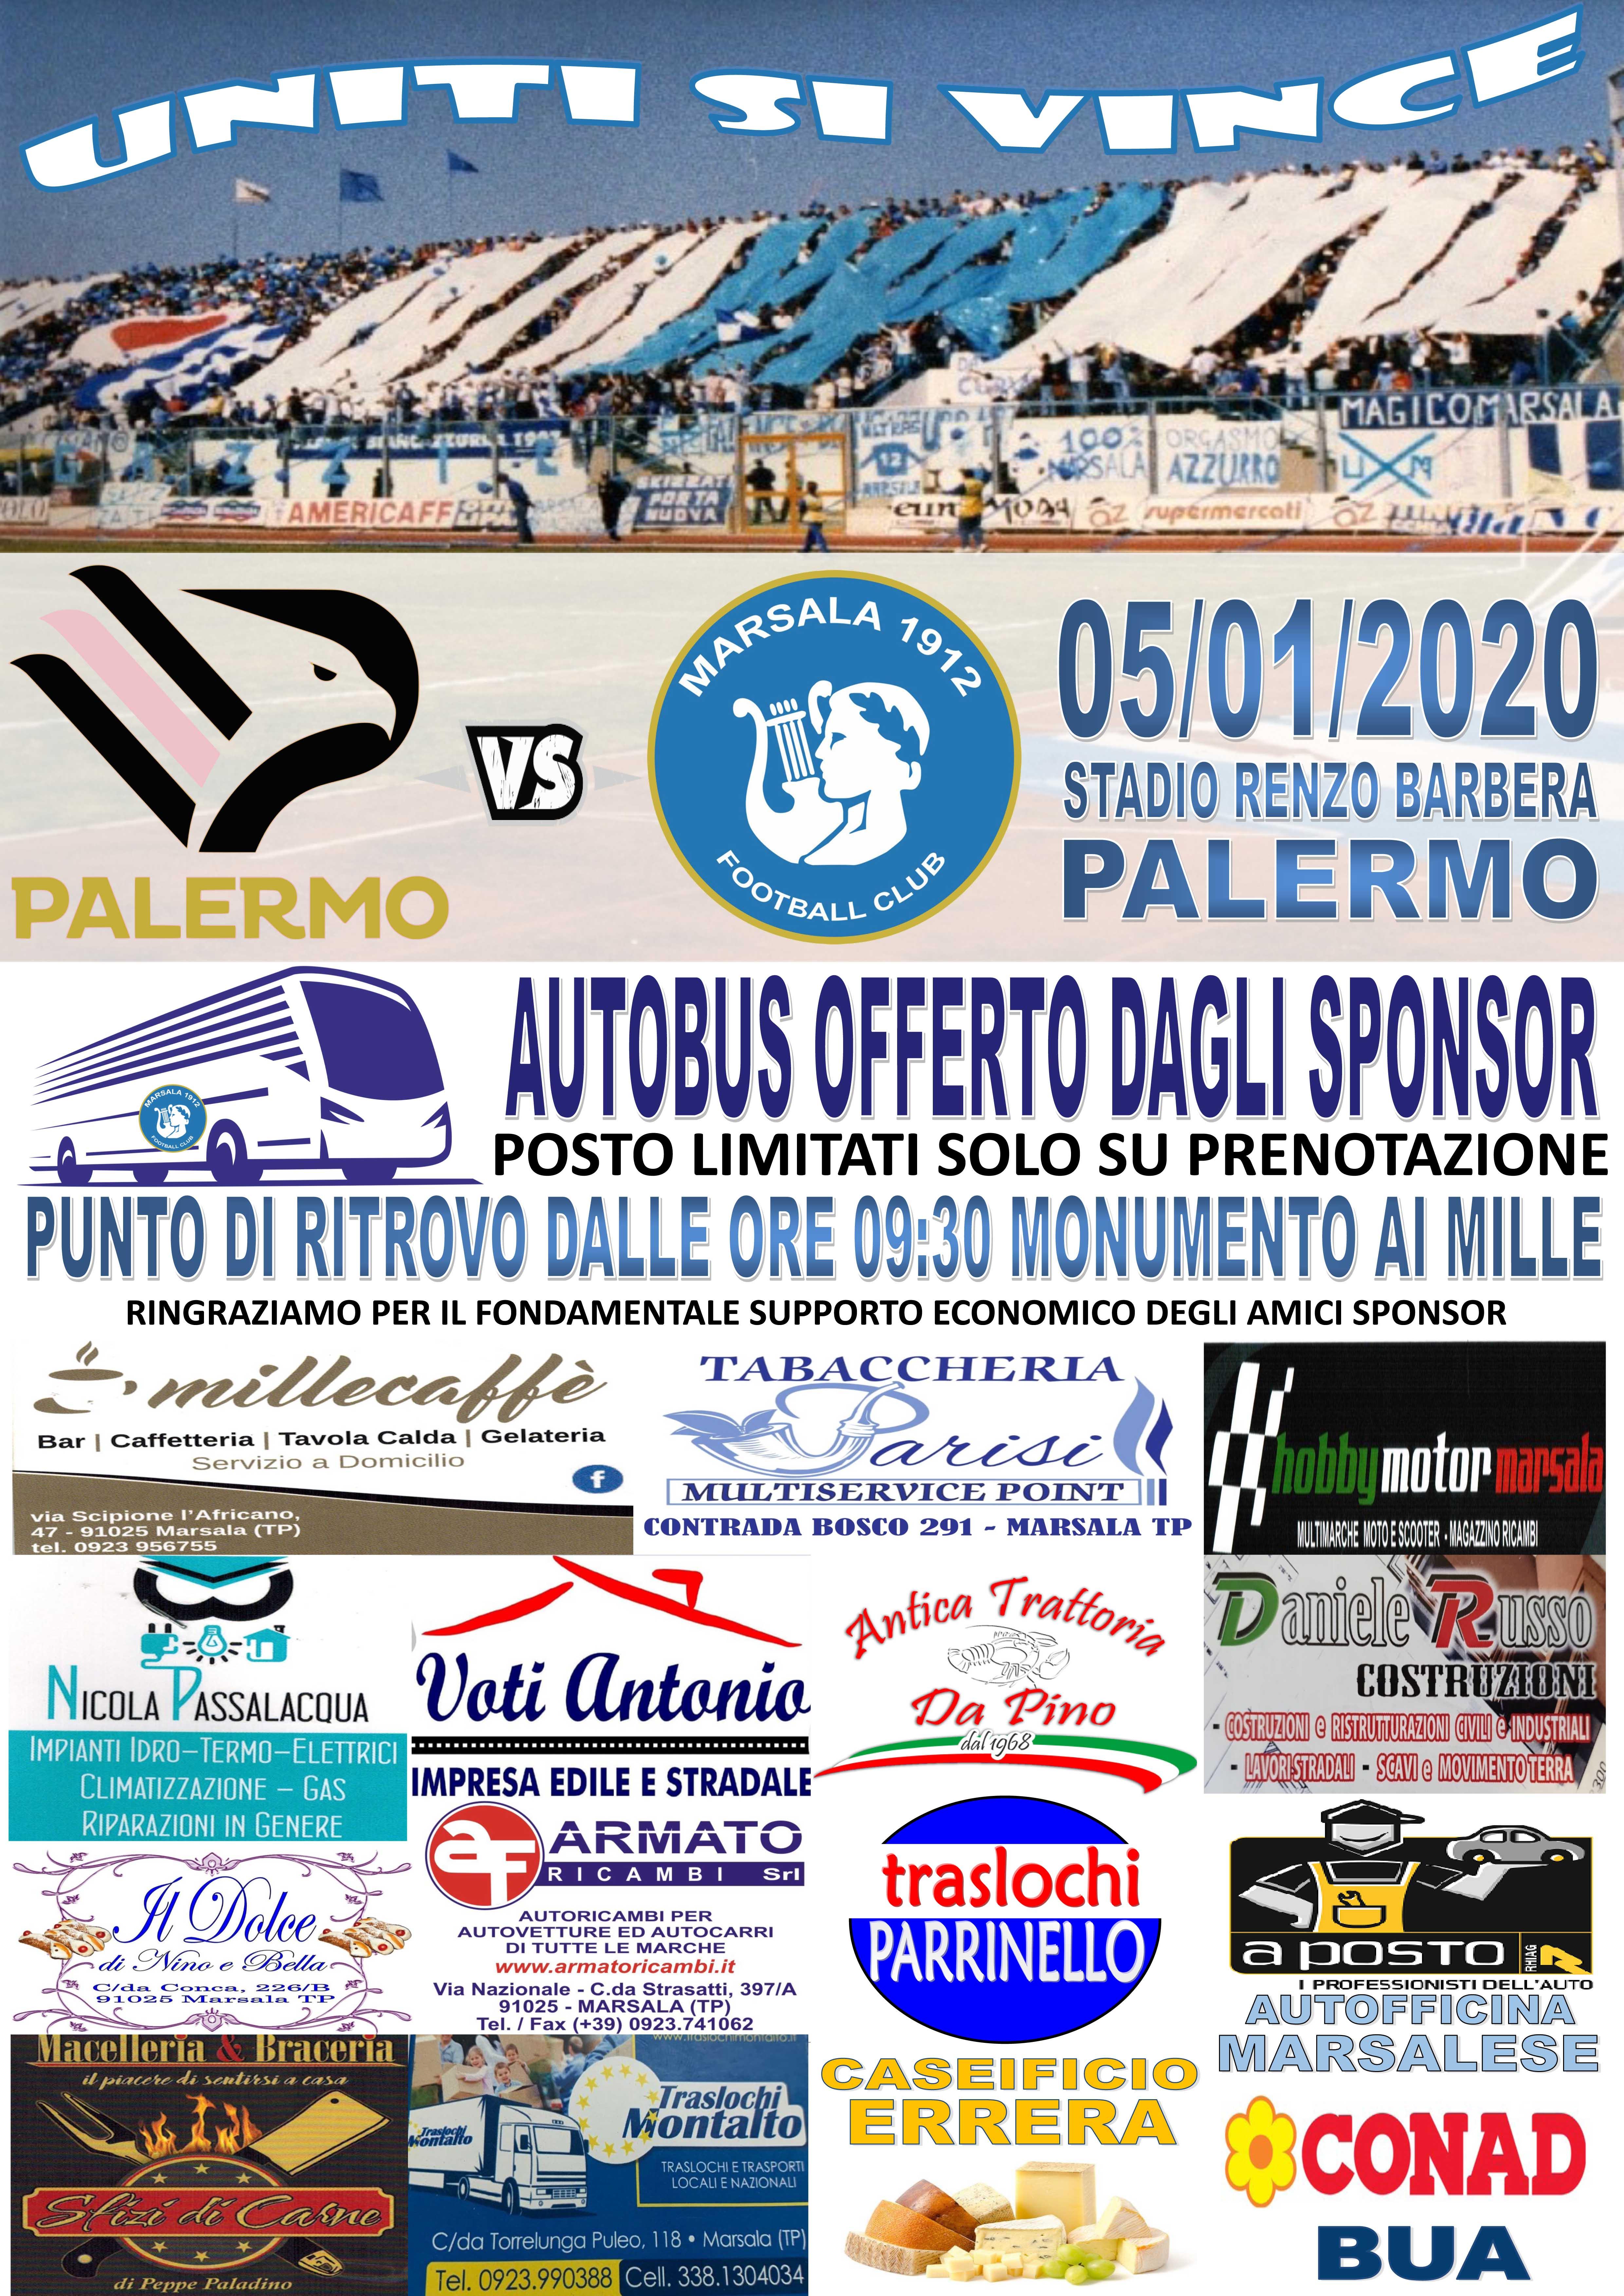 Calcio: un pullman da Marsala per la sfida col Palermo del 5 gennaio